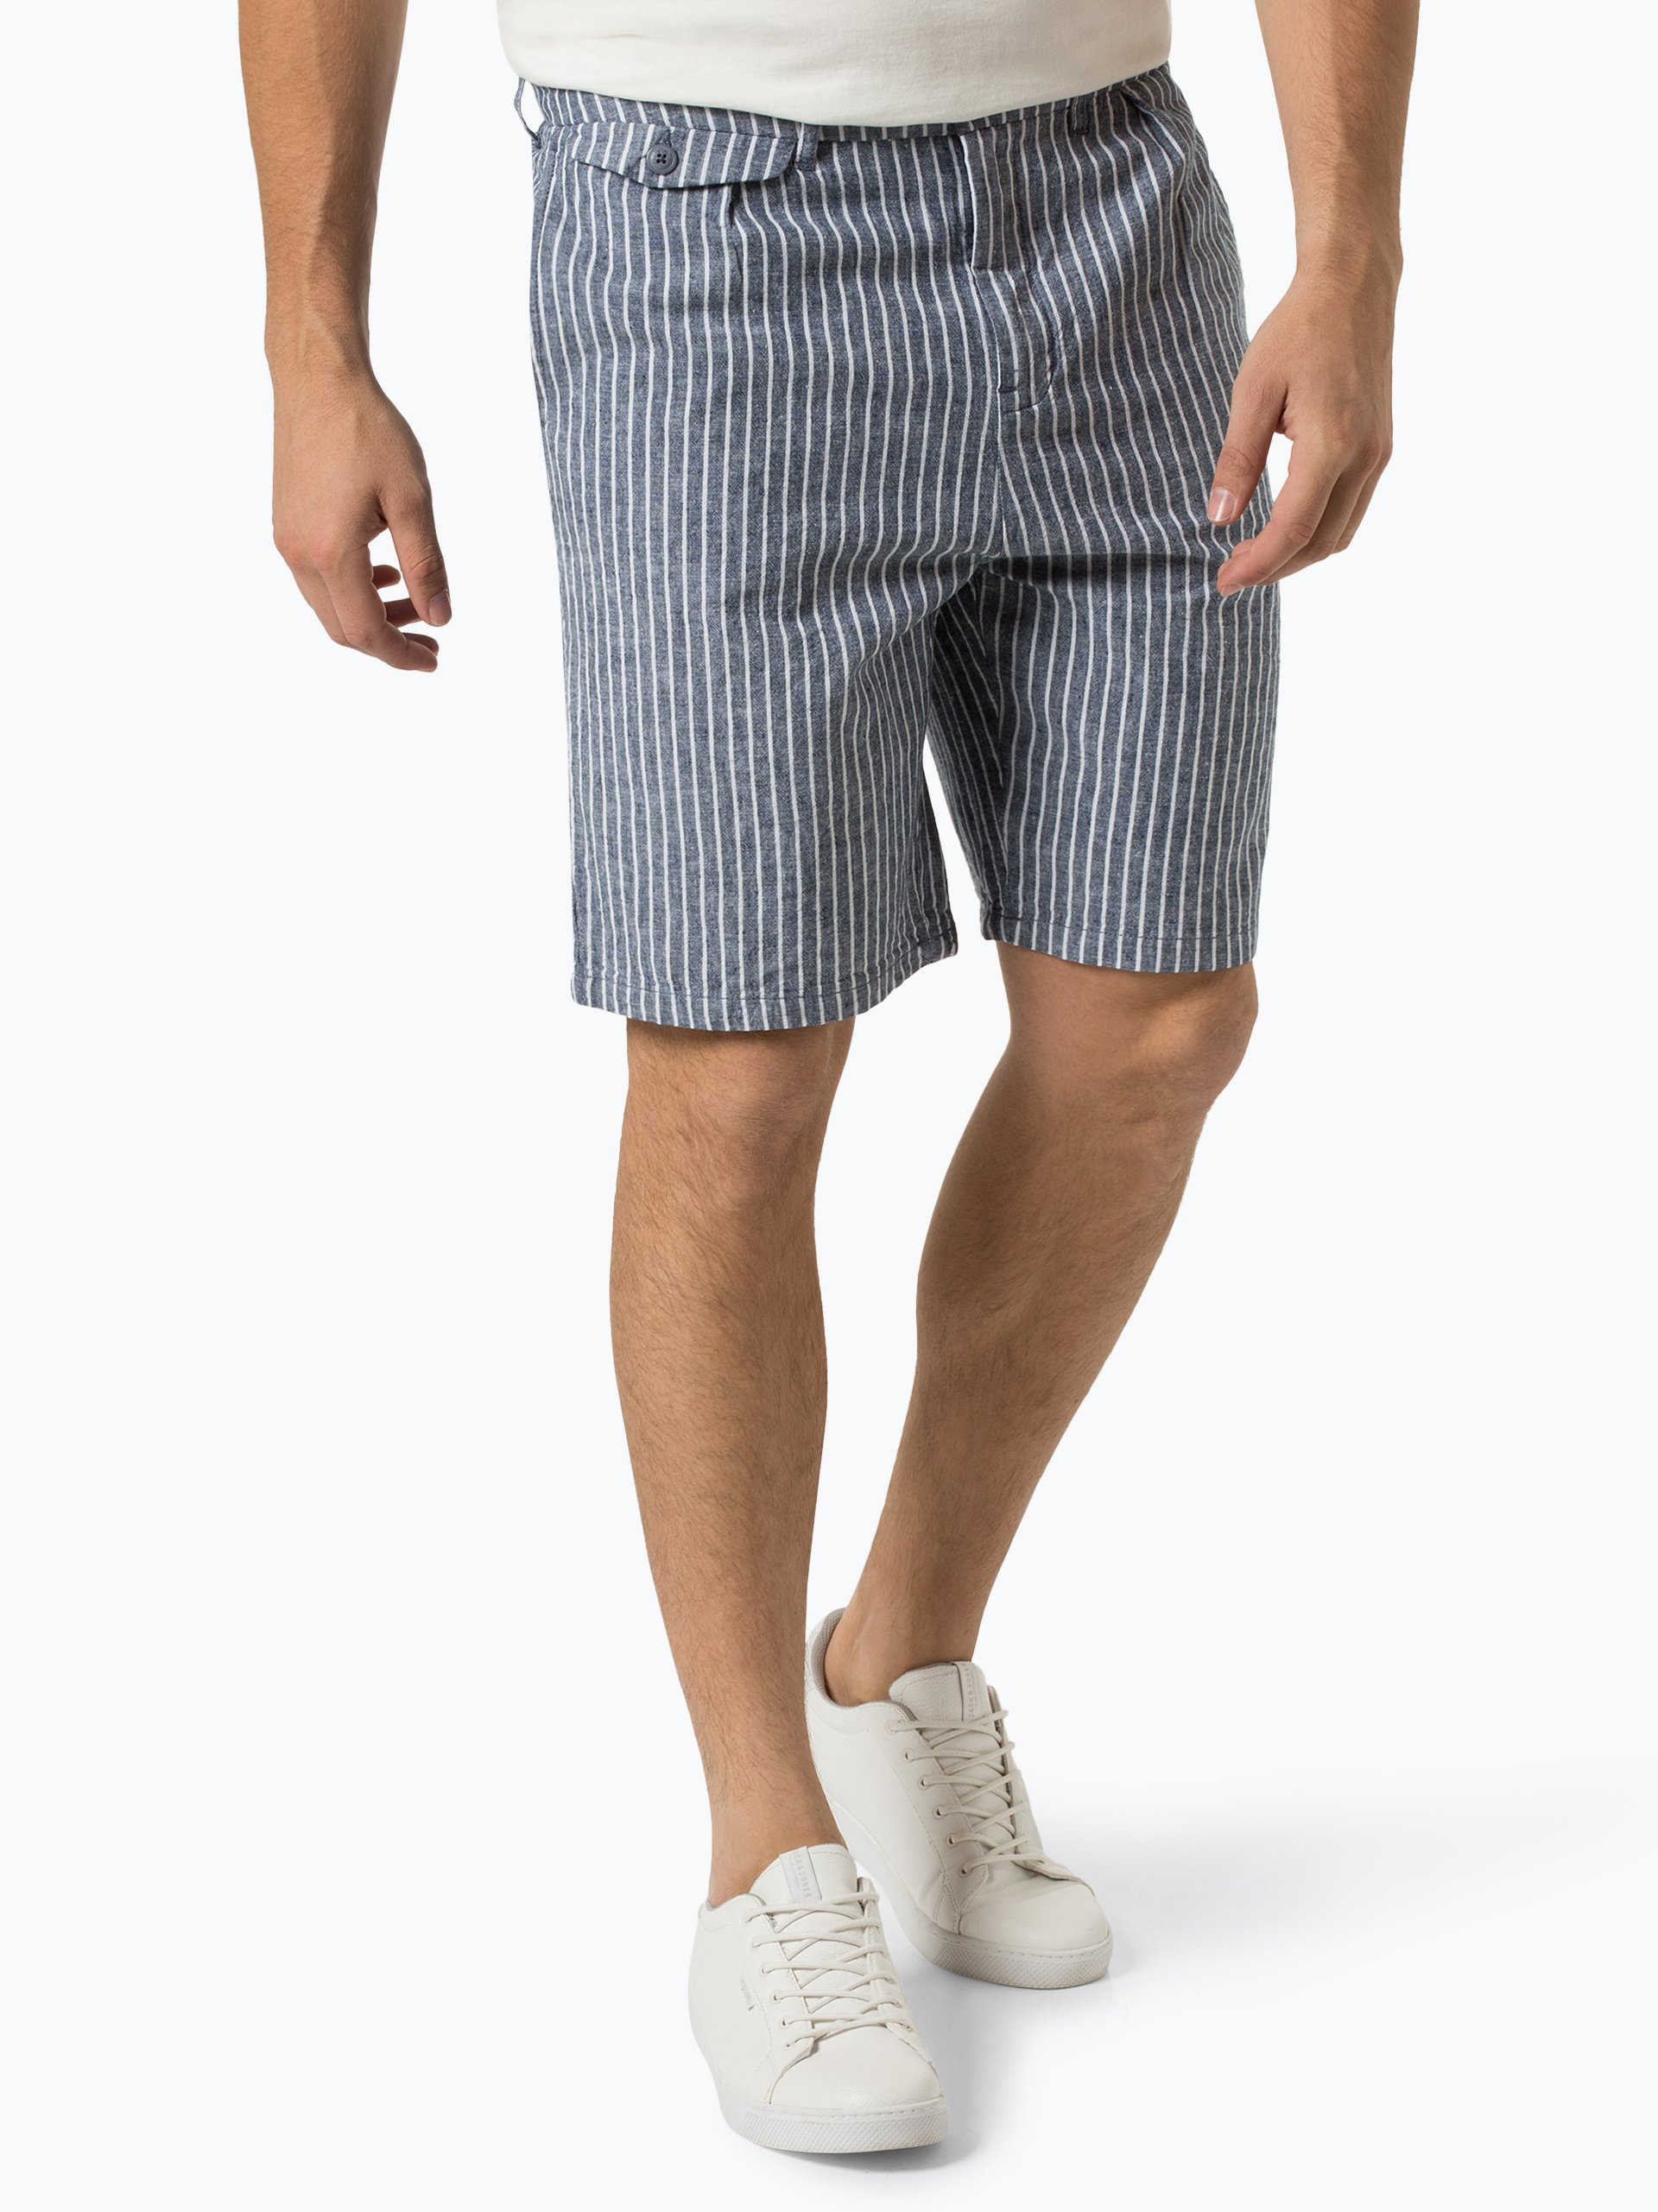 Pepe Jeans Herren Shorts mit Leinen-Anteil - Dean